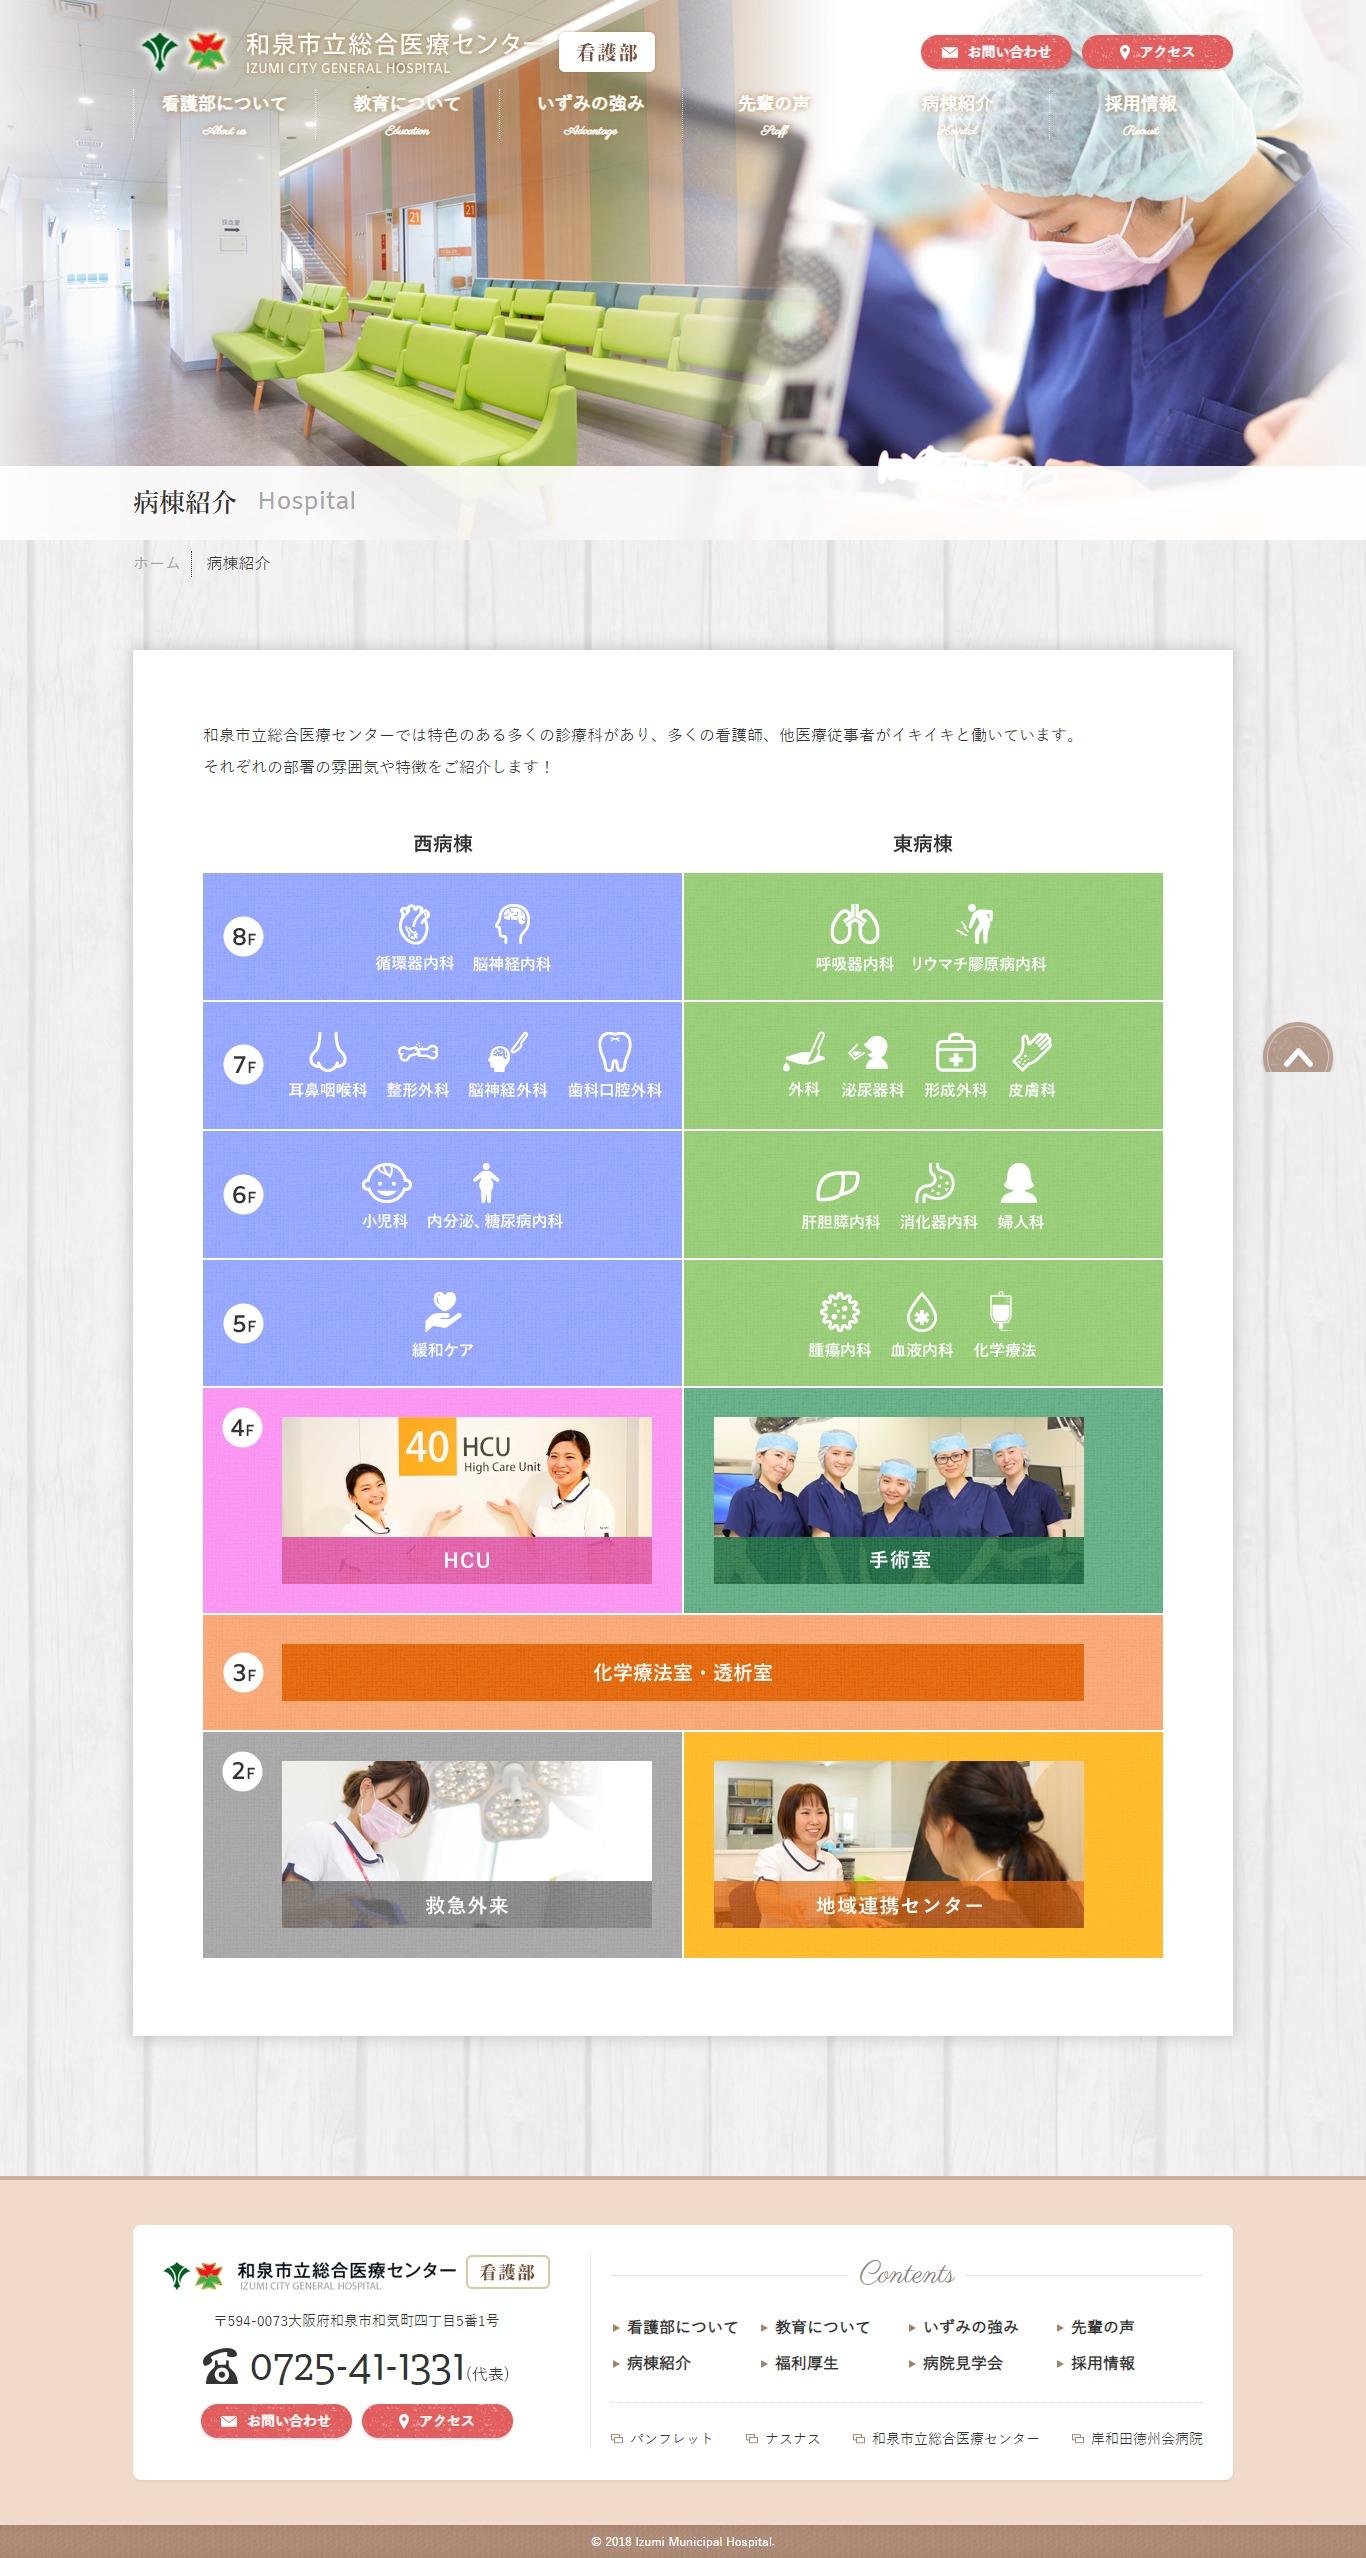 2018年12月作成「和泉市立総合医療センター」看護部サイト_サブ画像